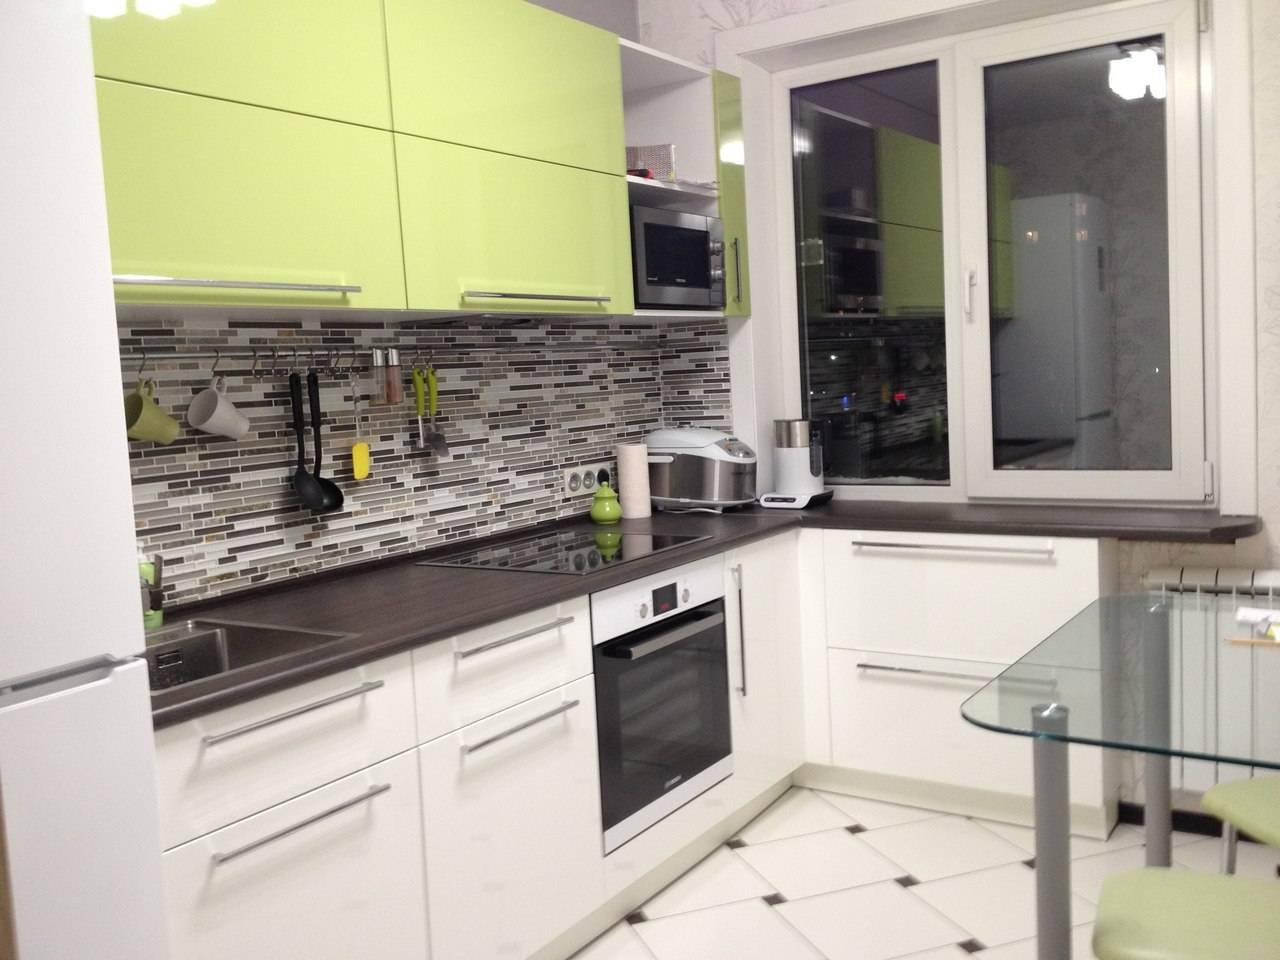 Интерьер кухни 9 кв. м: примеры актуальных современных дизайнов